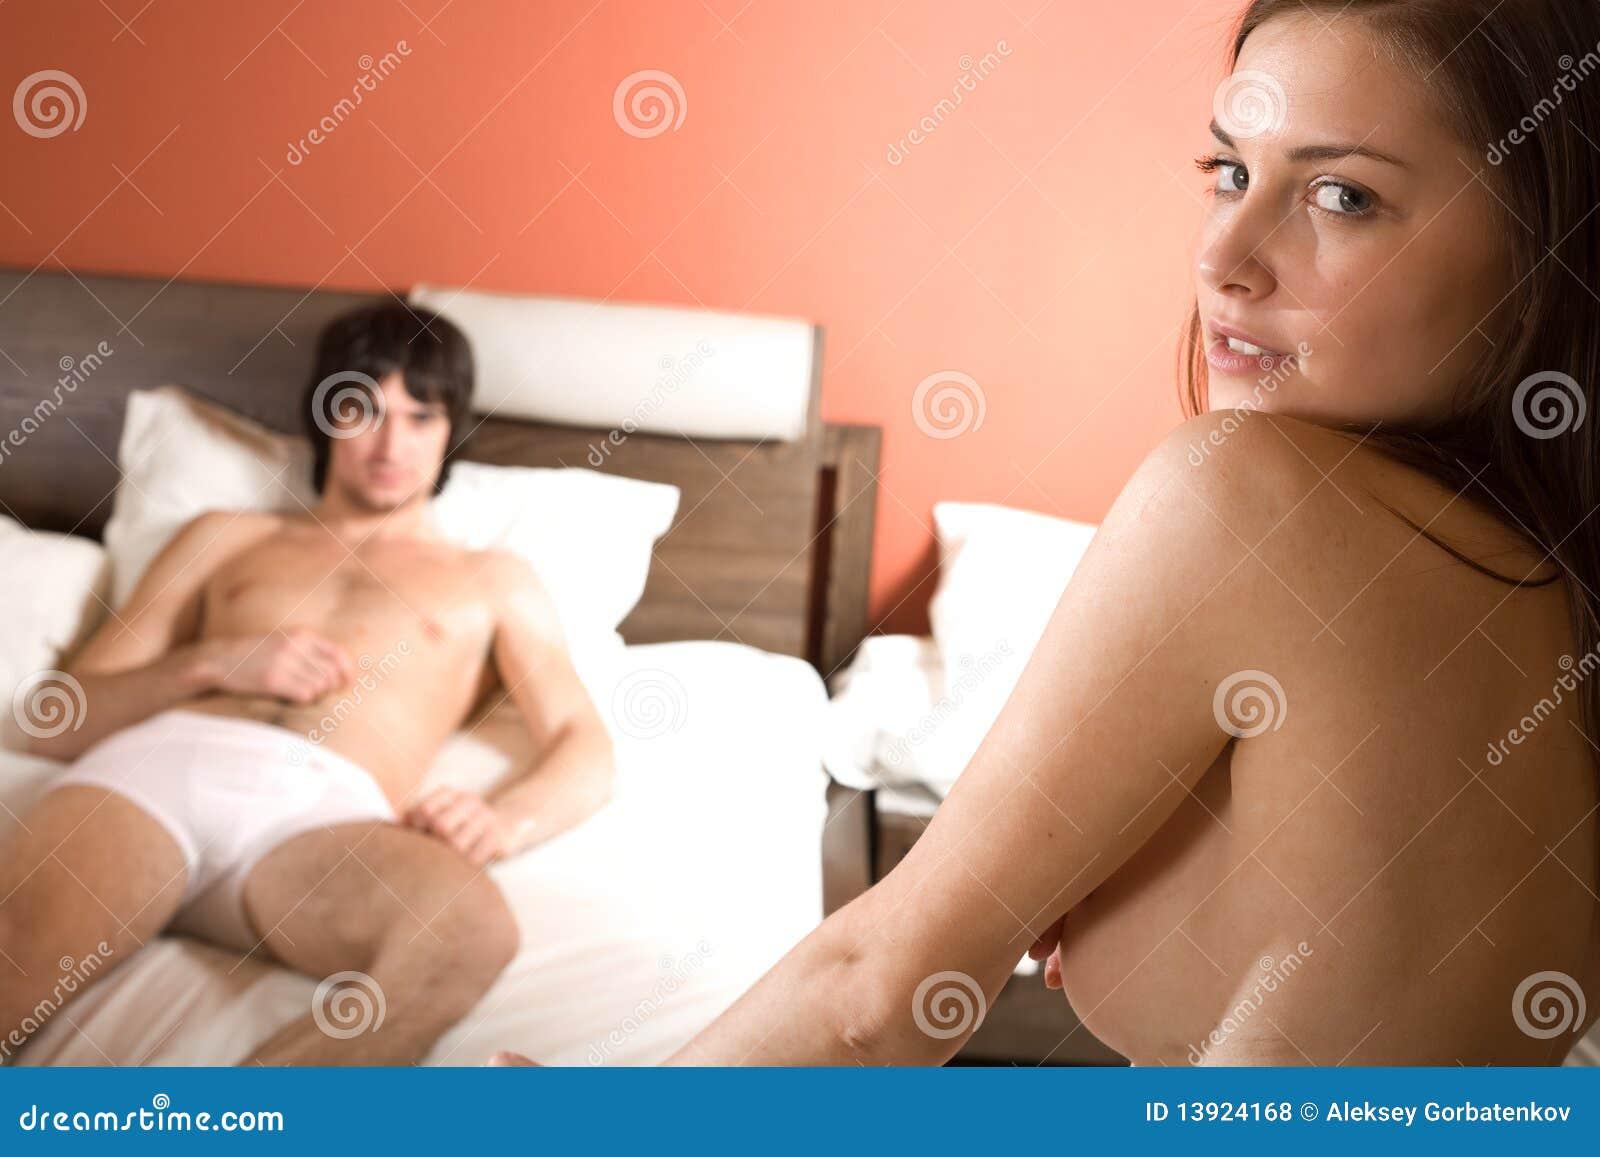 fairy naked girl sex